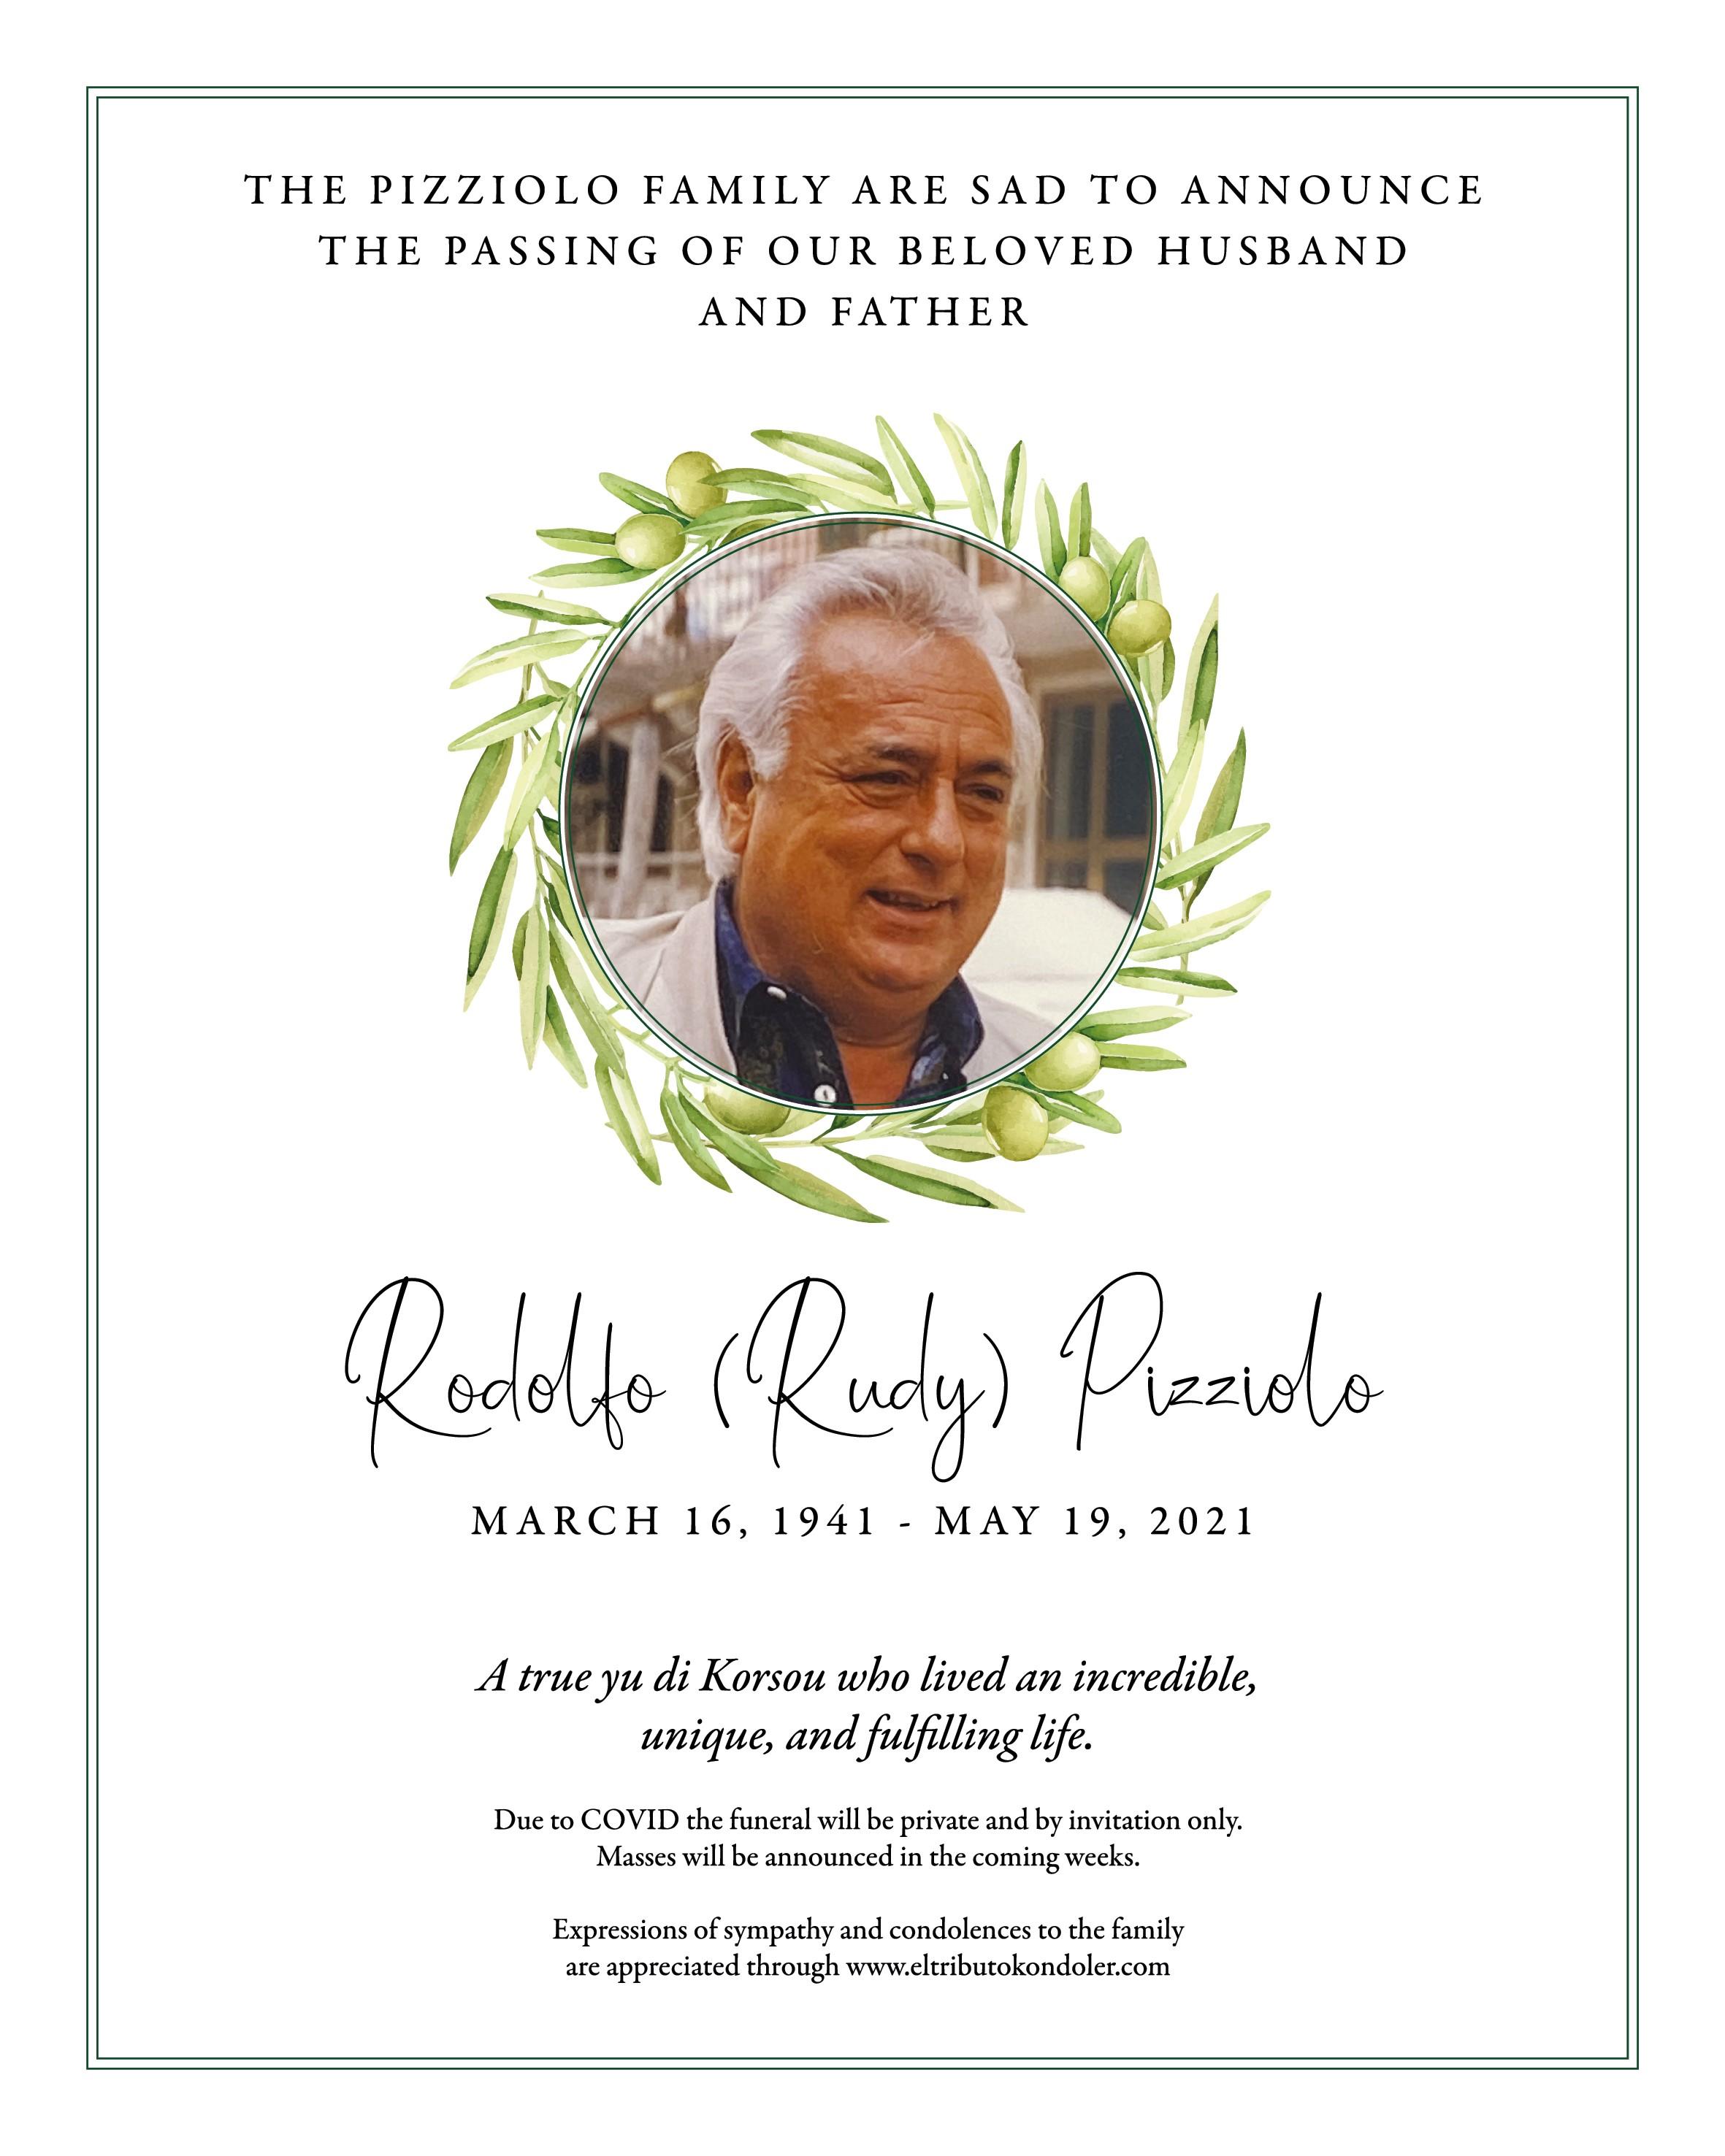 Rodolfo Pizziolo